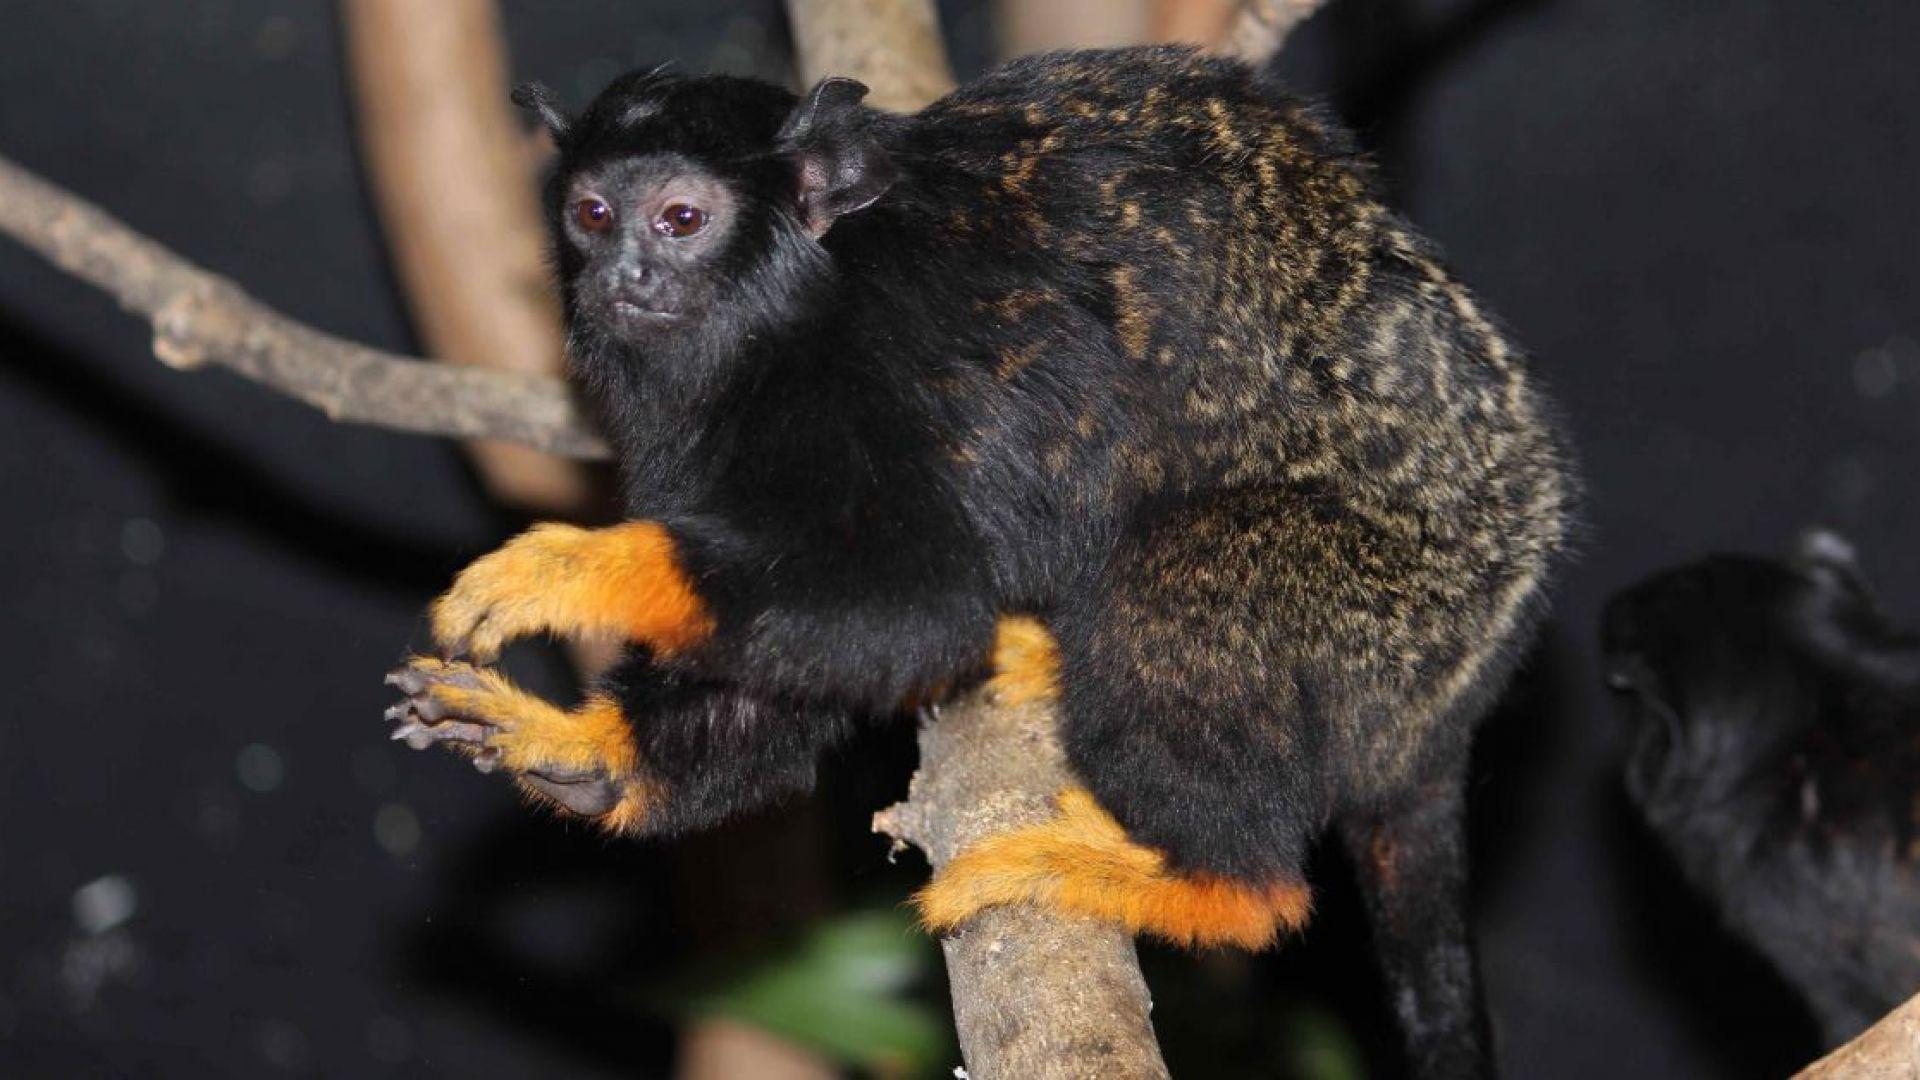 Софийският зоопарк се похвали с нови обитатели – златоръки тамарини